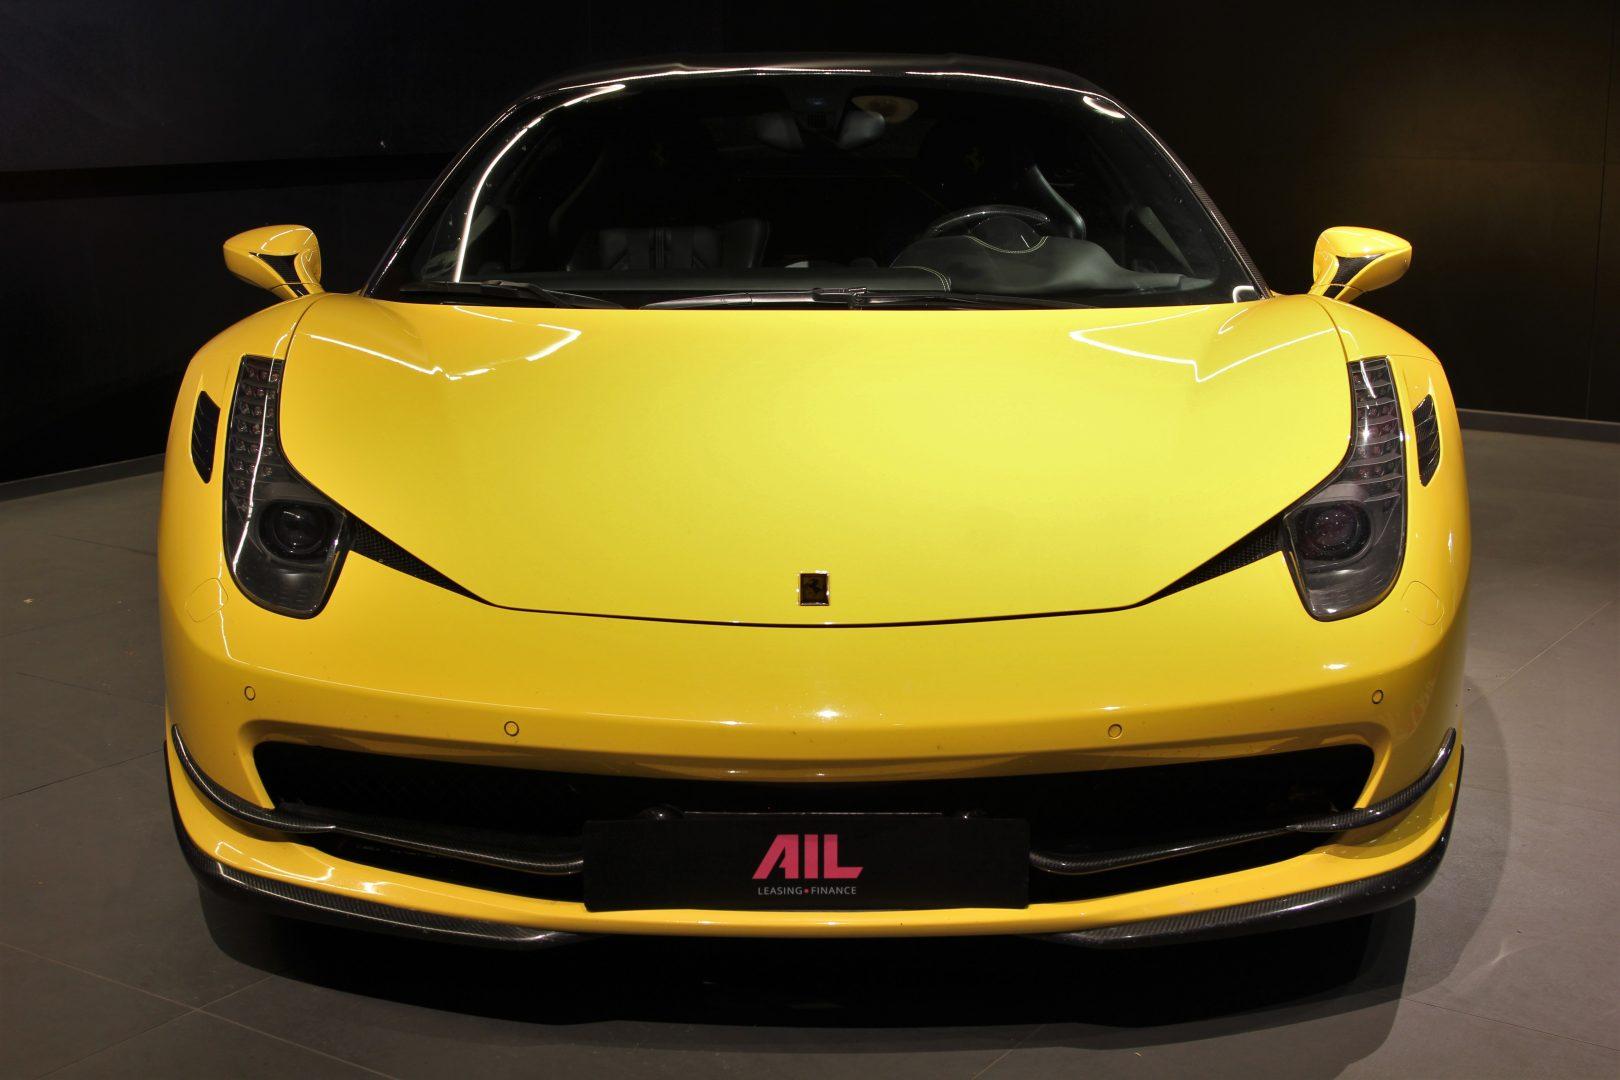 AIL Ferrari 458 Italia Novitec Lift 11